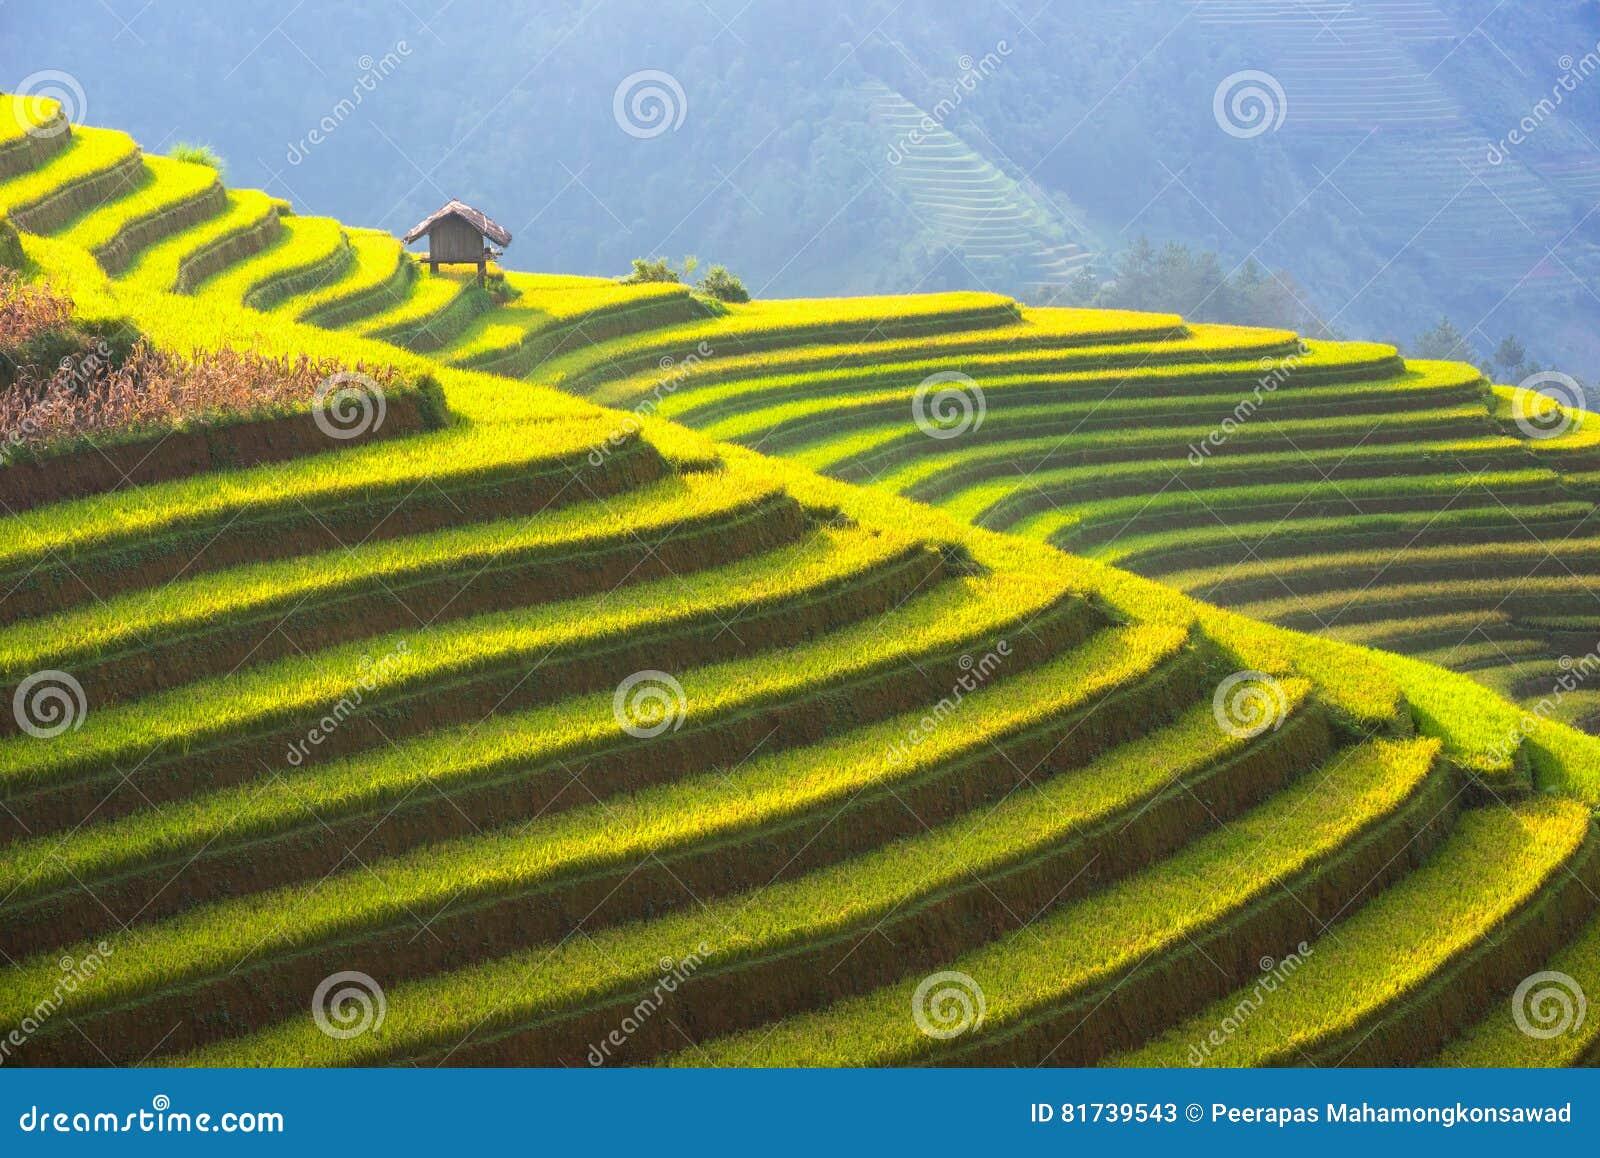 Die schöne Schicht des Berges und die Natur in der Reisterrasse von Vietnam gestalten landschaftlich